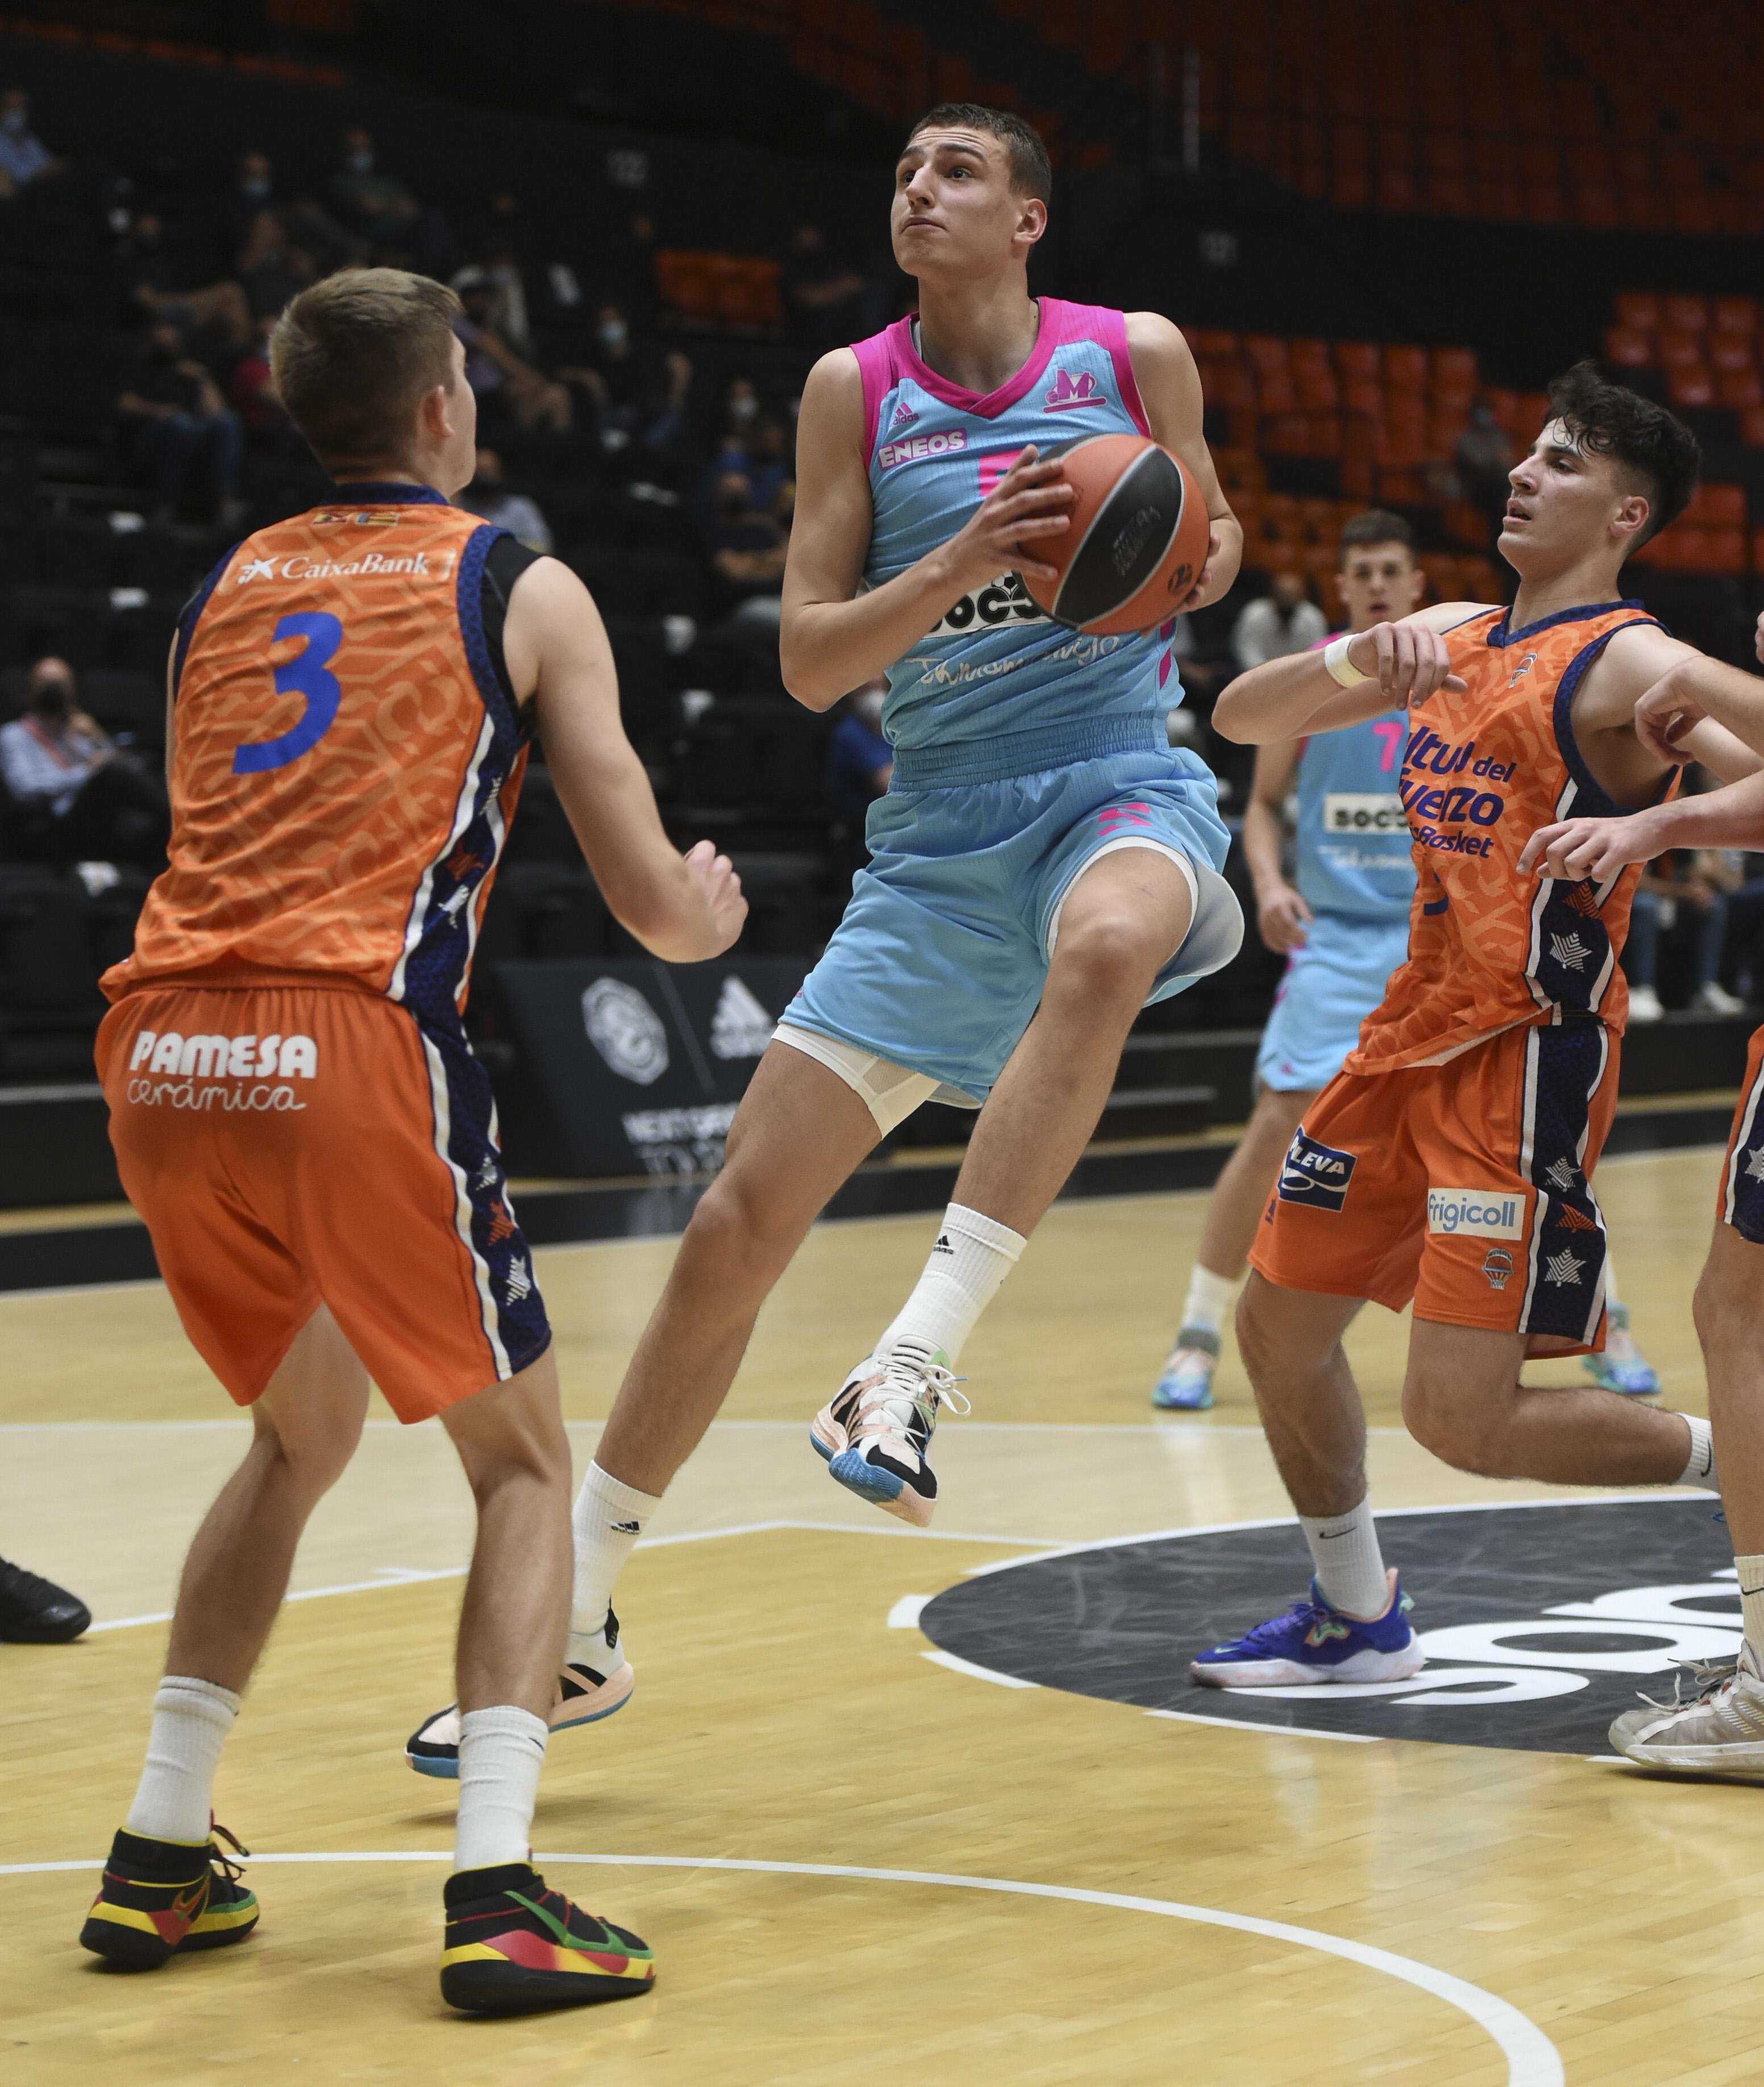 U18 Valencia Basket v U18 Mega SoccerBet Belgrade - Euroleague Basketball 2020-2021 Adidas Next Generation Tournament